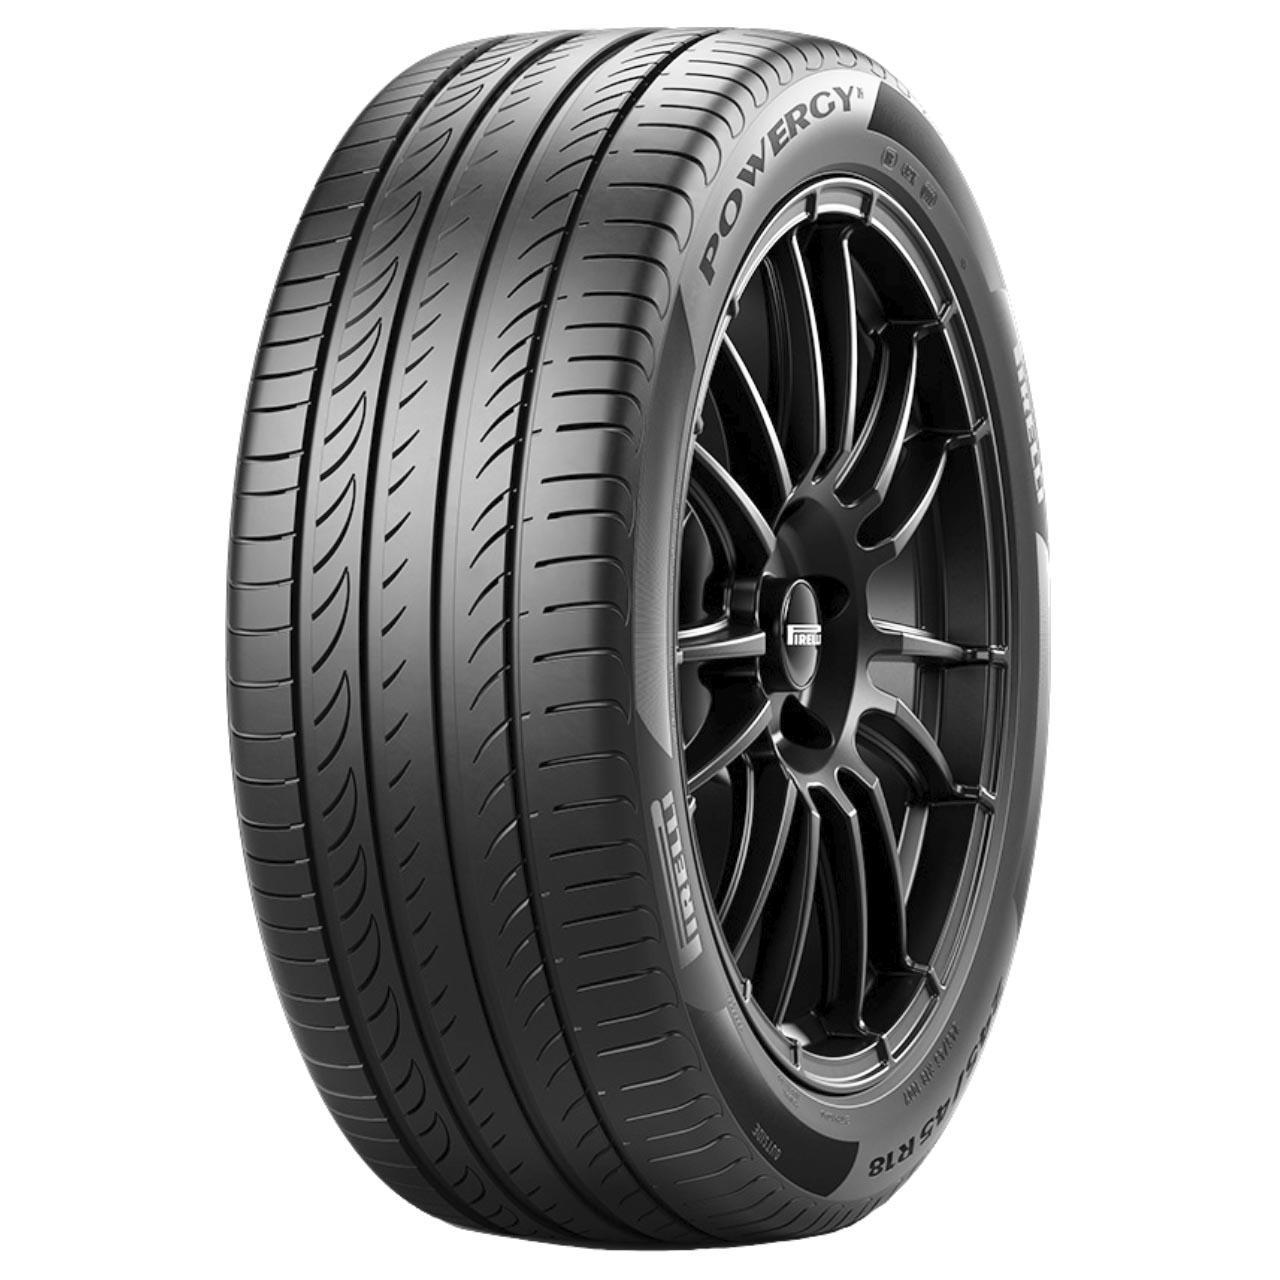 Pirelli Powergy 245/40R19 98Y XL